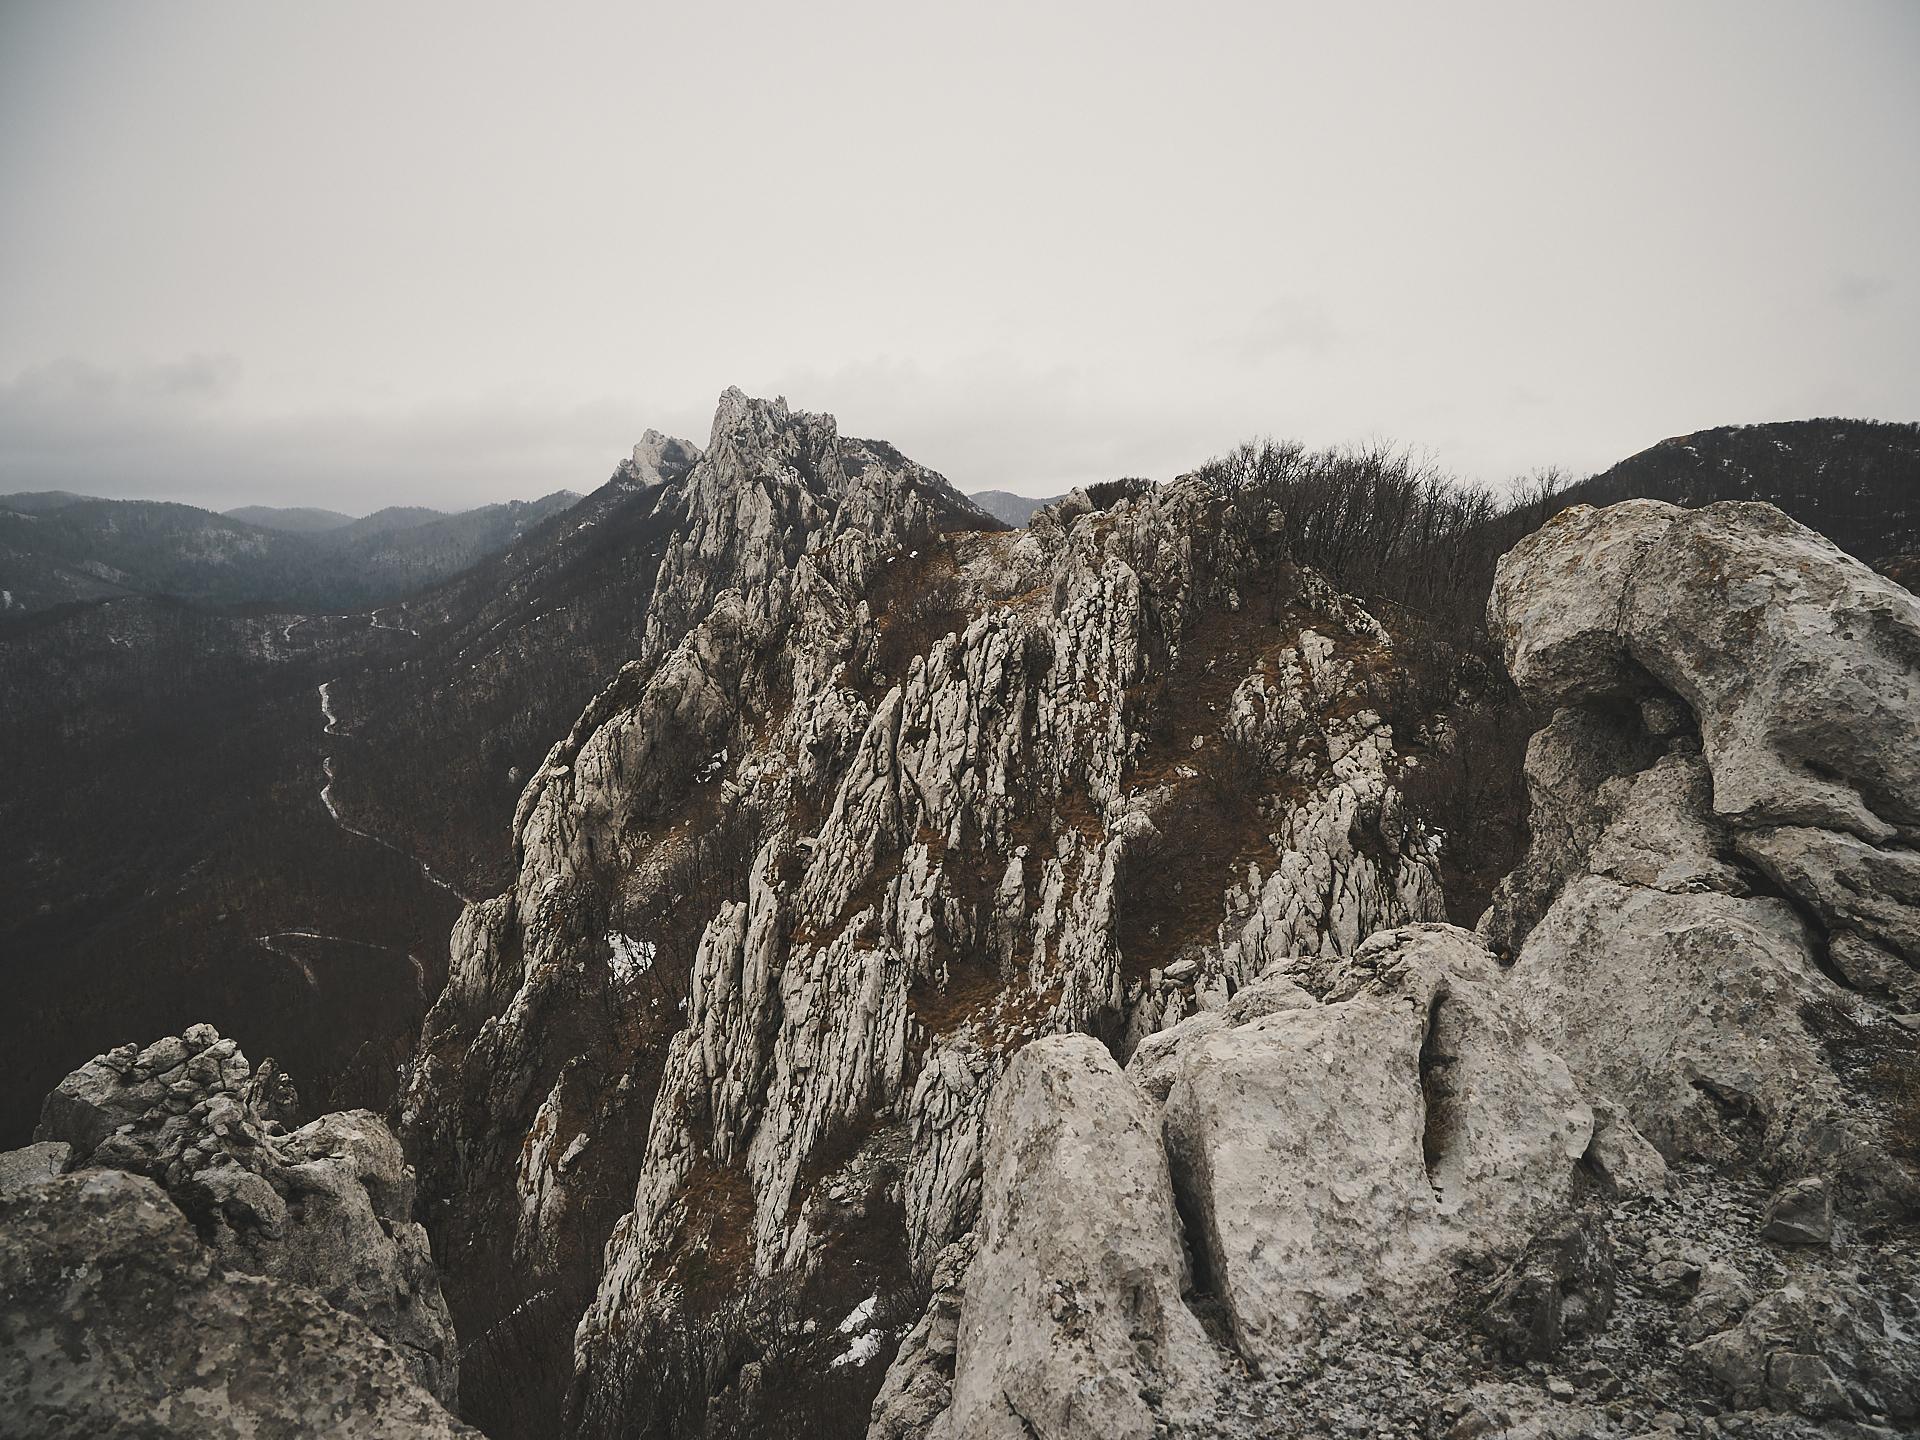 randonnée au mont Velebit en Croatie.